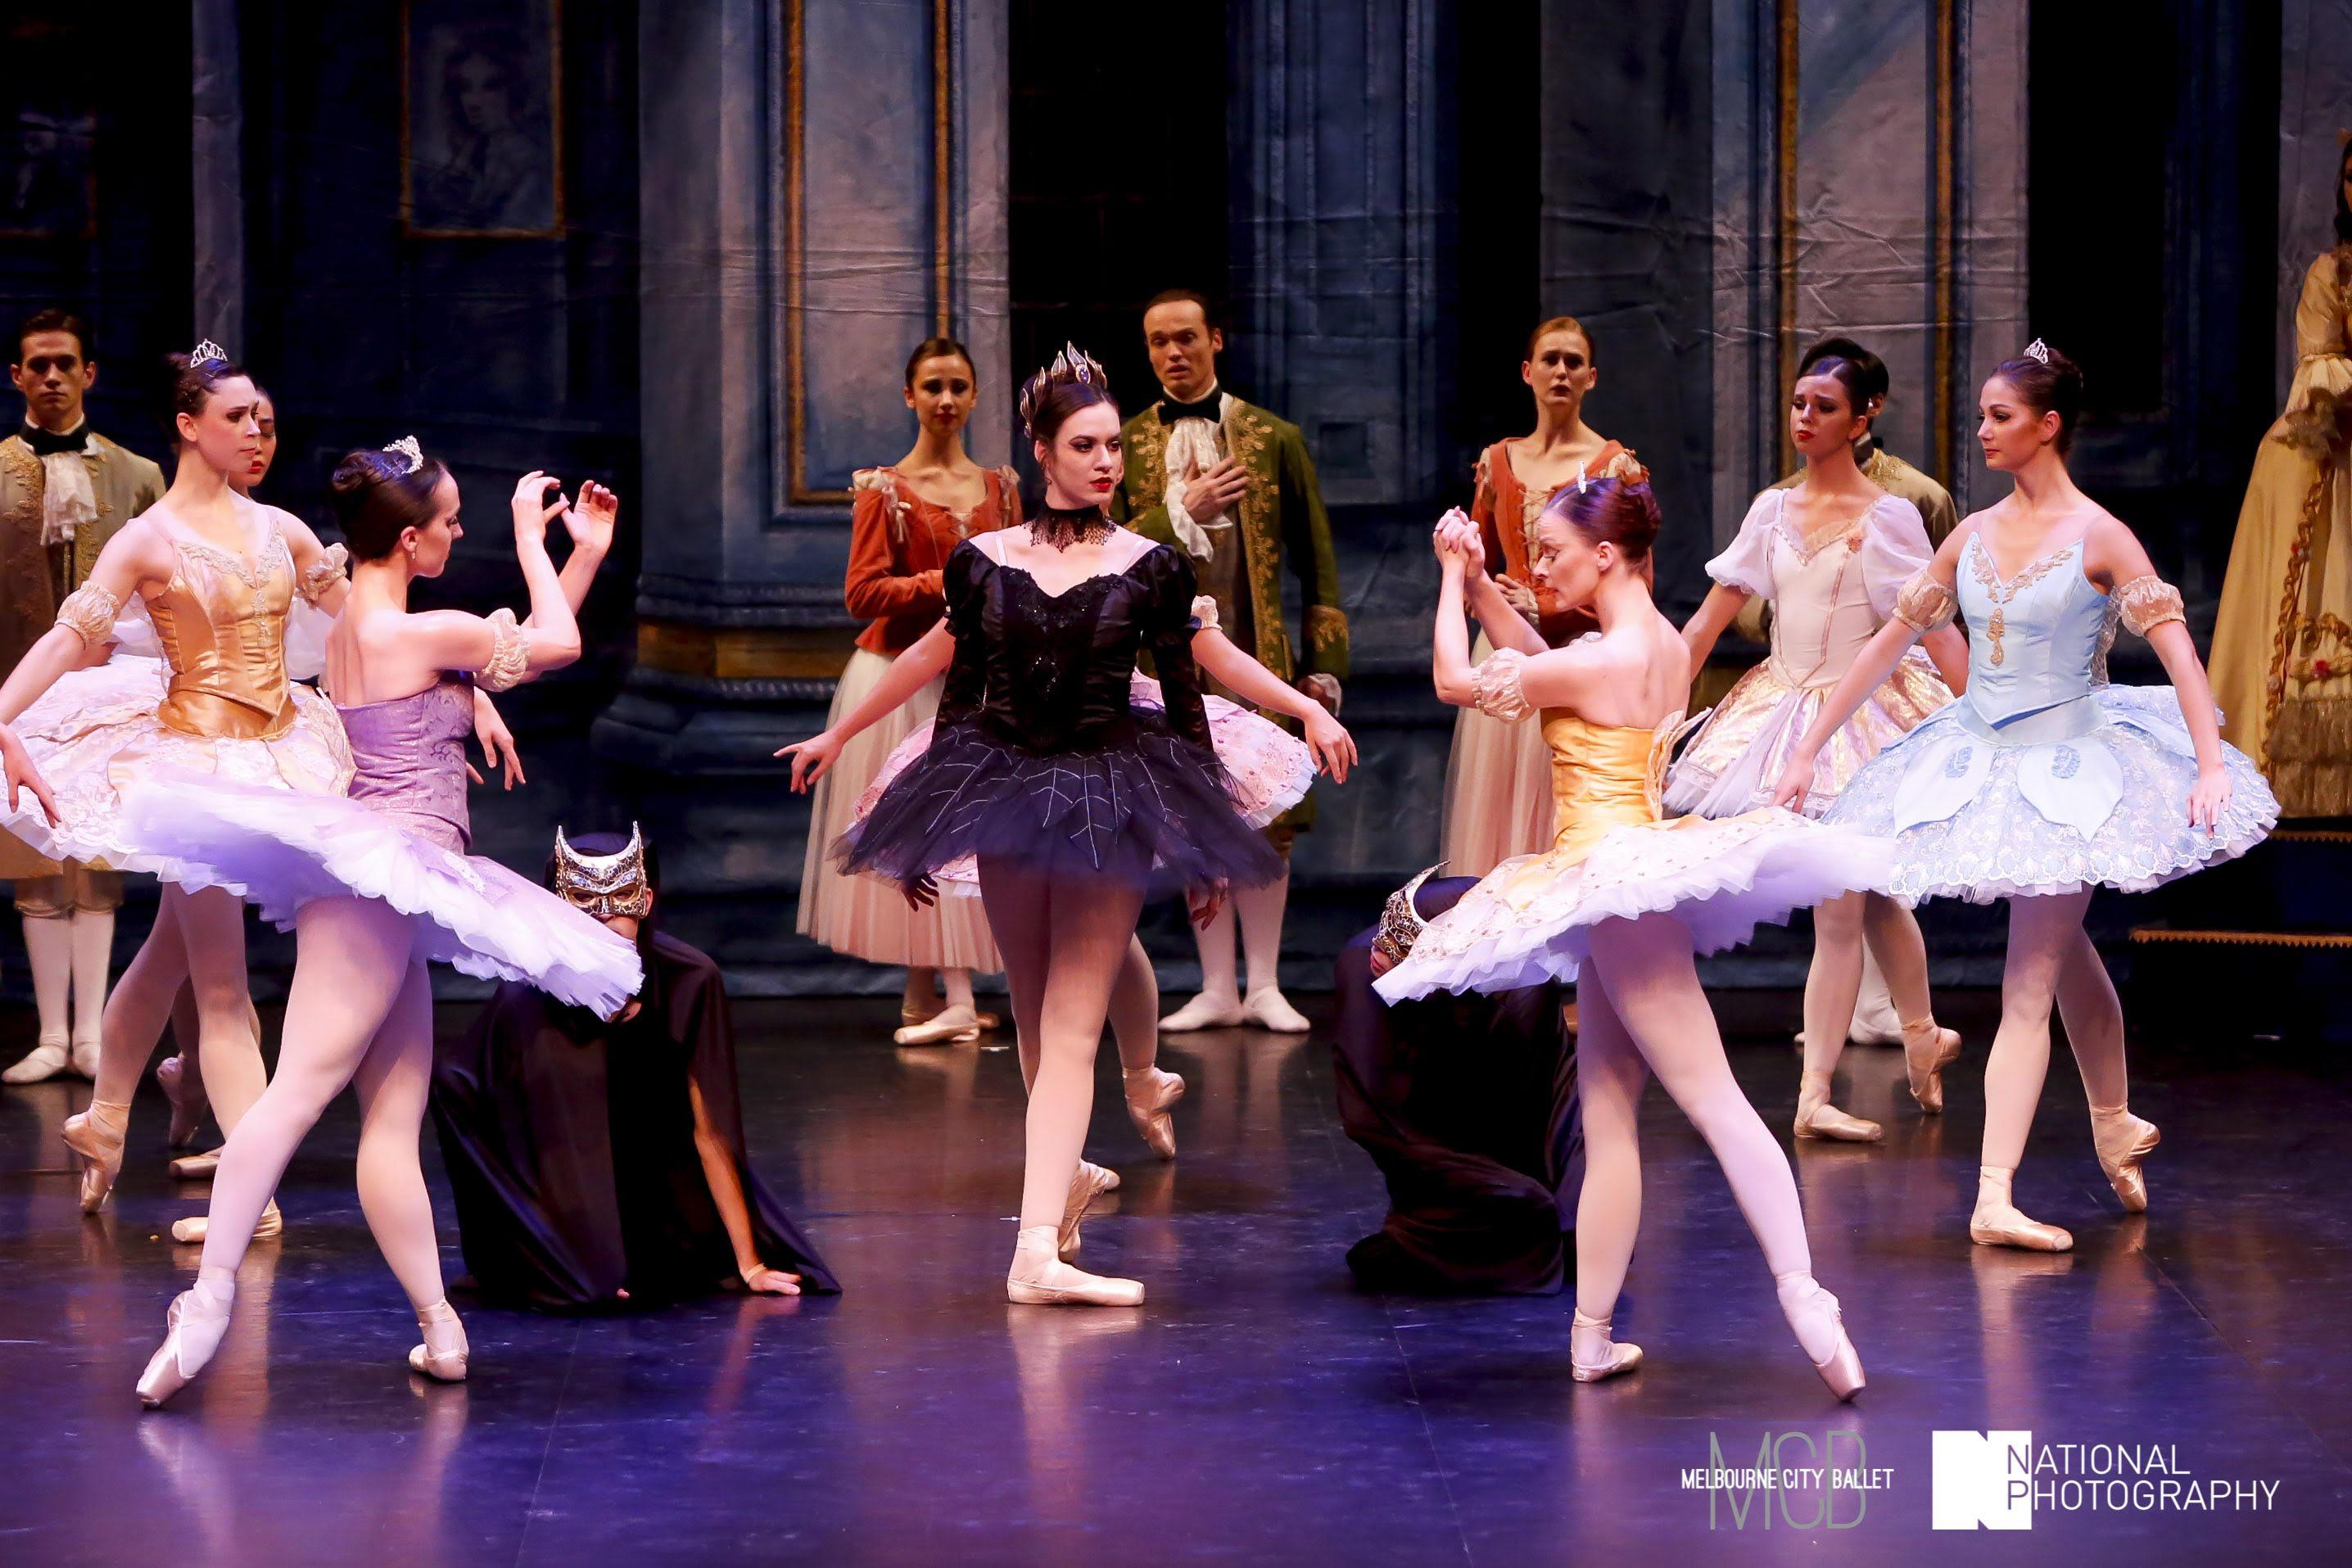 Melbourne City Ballet Presents Sleeping Beauty